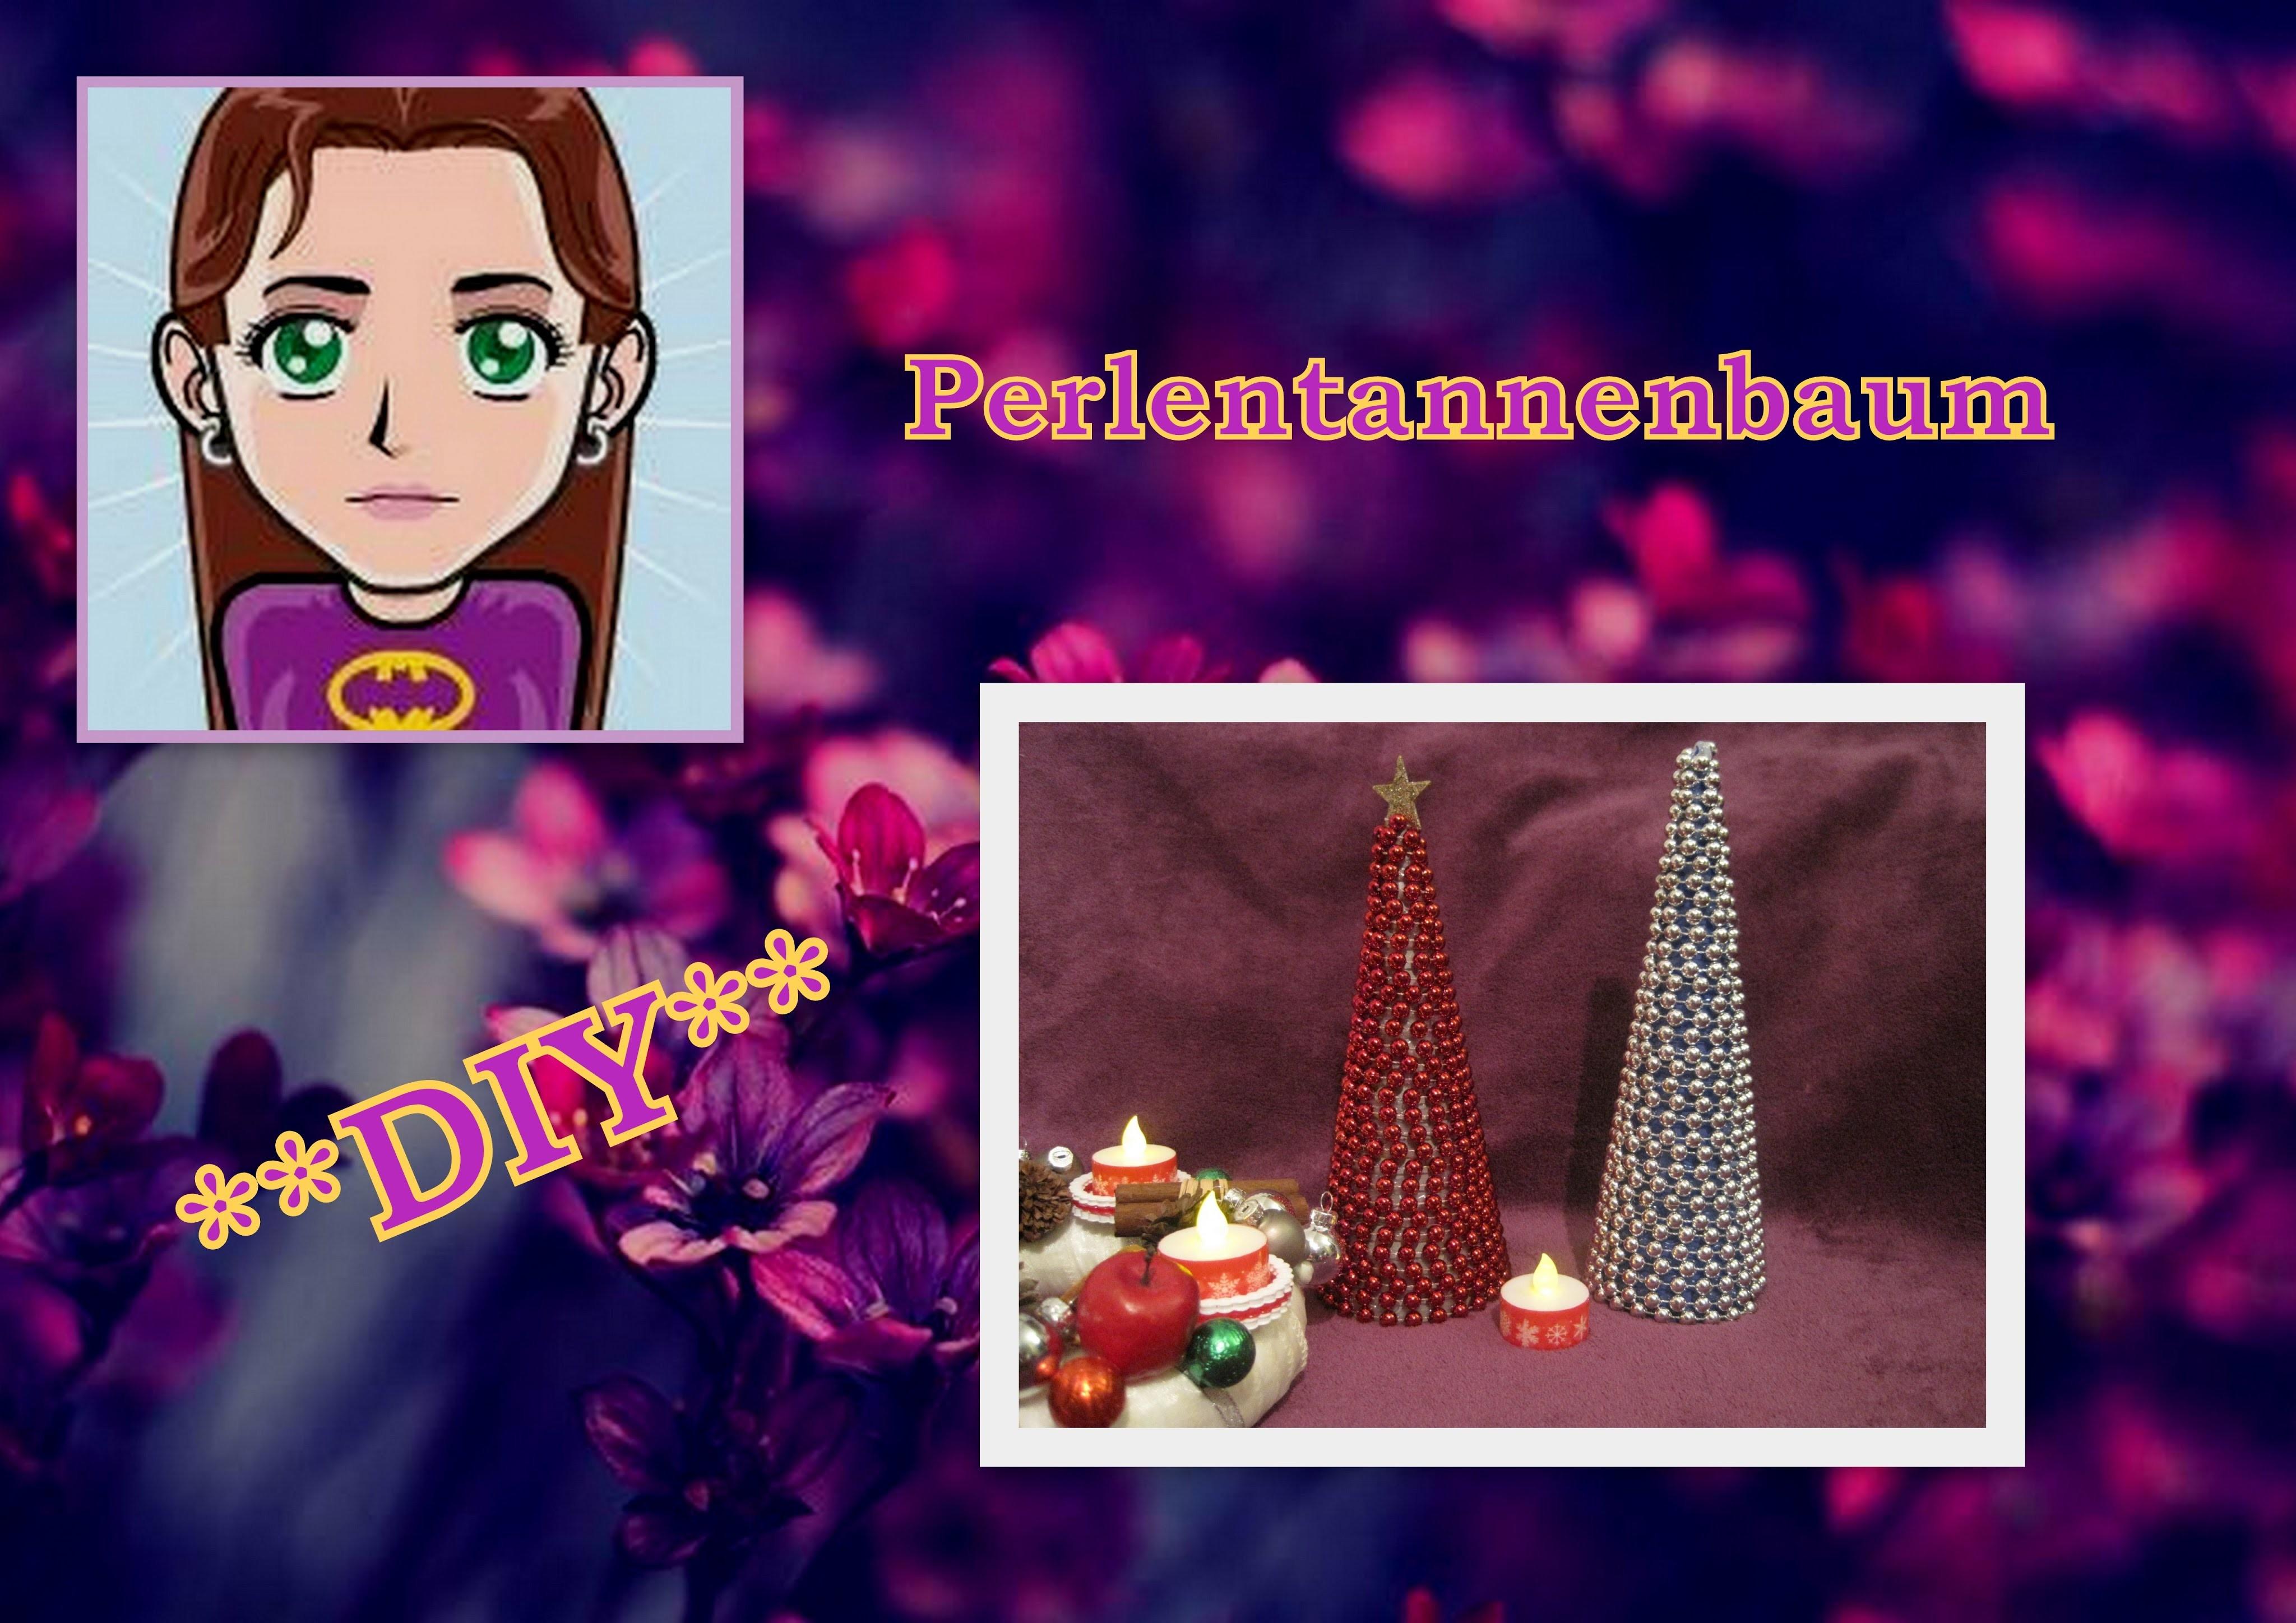 Perlentannenbaum, Weihnachtsdeko basteln, DIY Tutorial